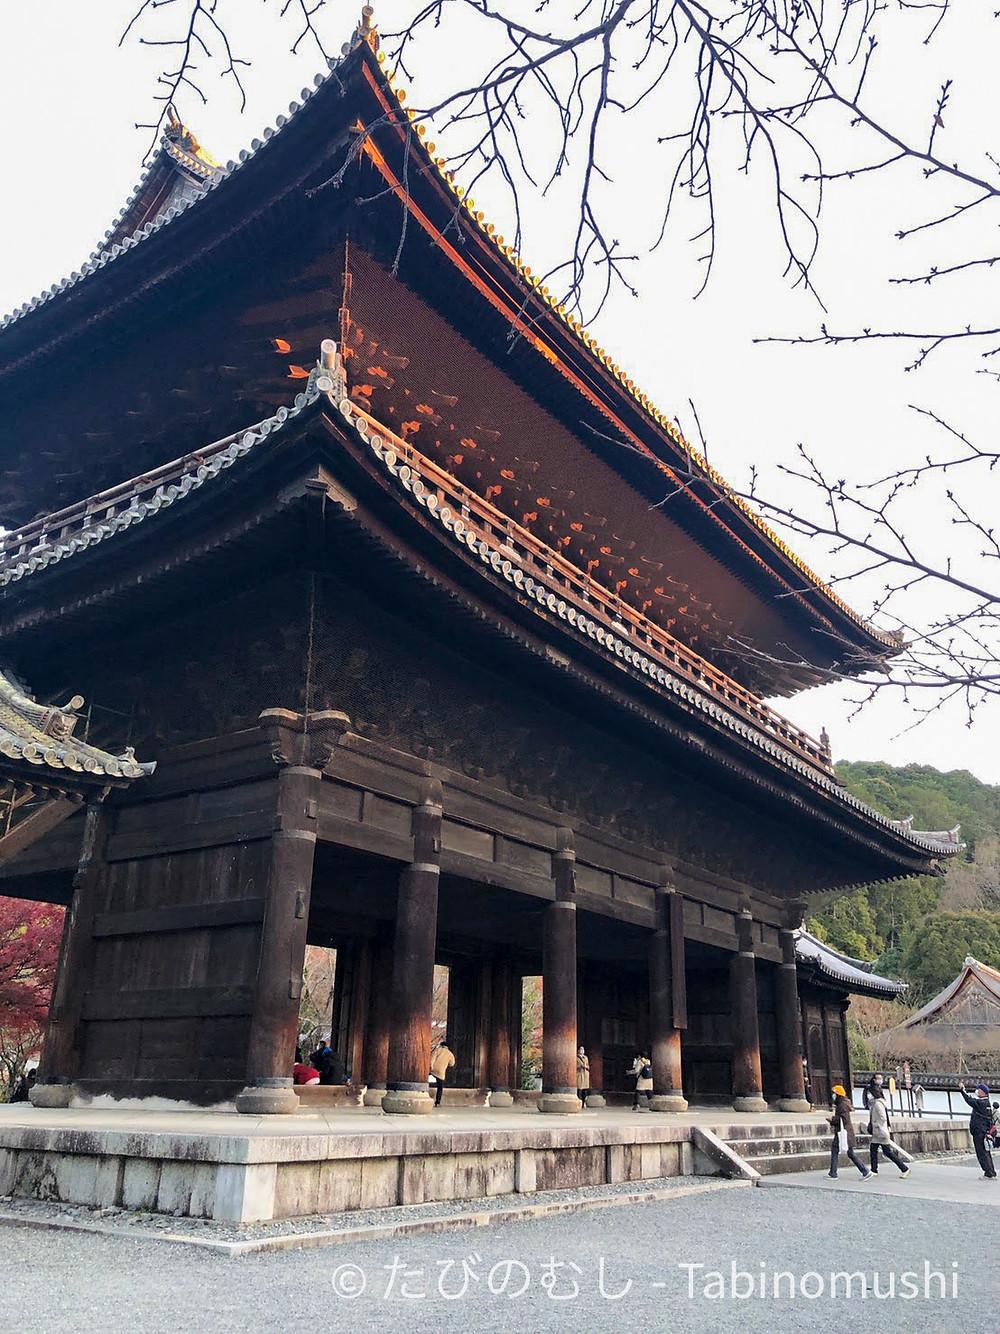 南禅寺三門 / Nanzenji